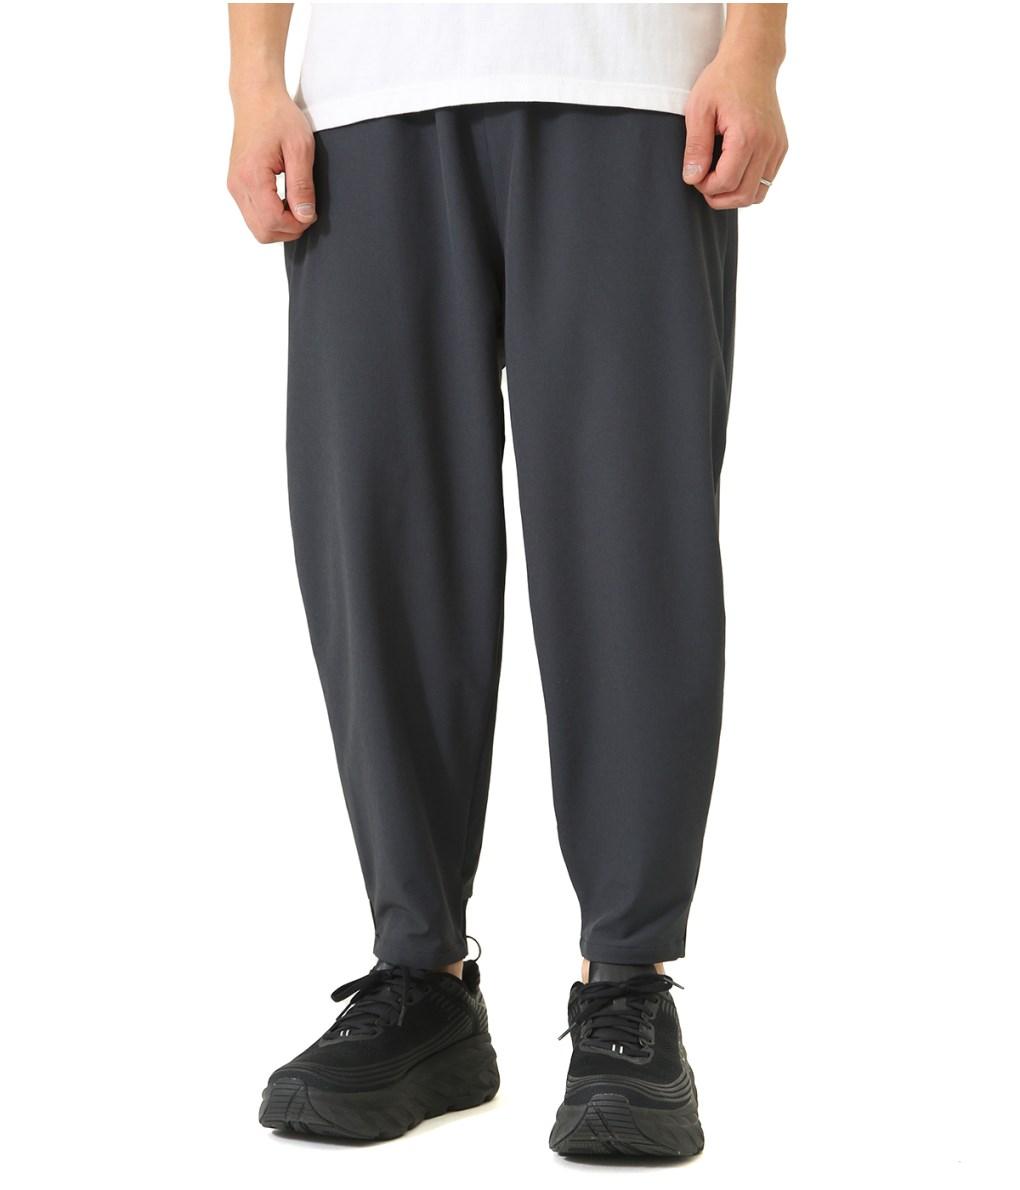 alk phenix / アルクフェニックス : crank vent pants : クランクベントパンツ パンツ ロングパンツ メンズ : POA12PA25 【PIE】